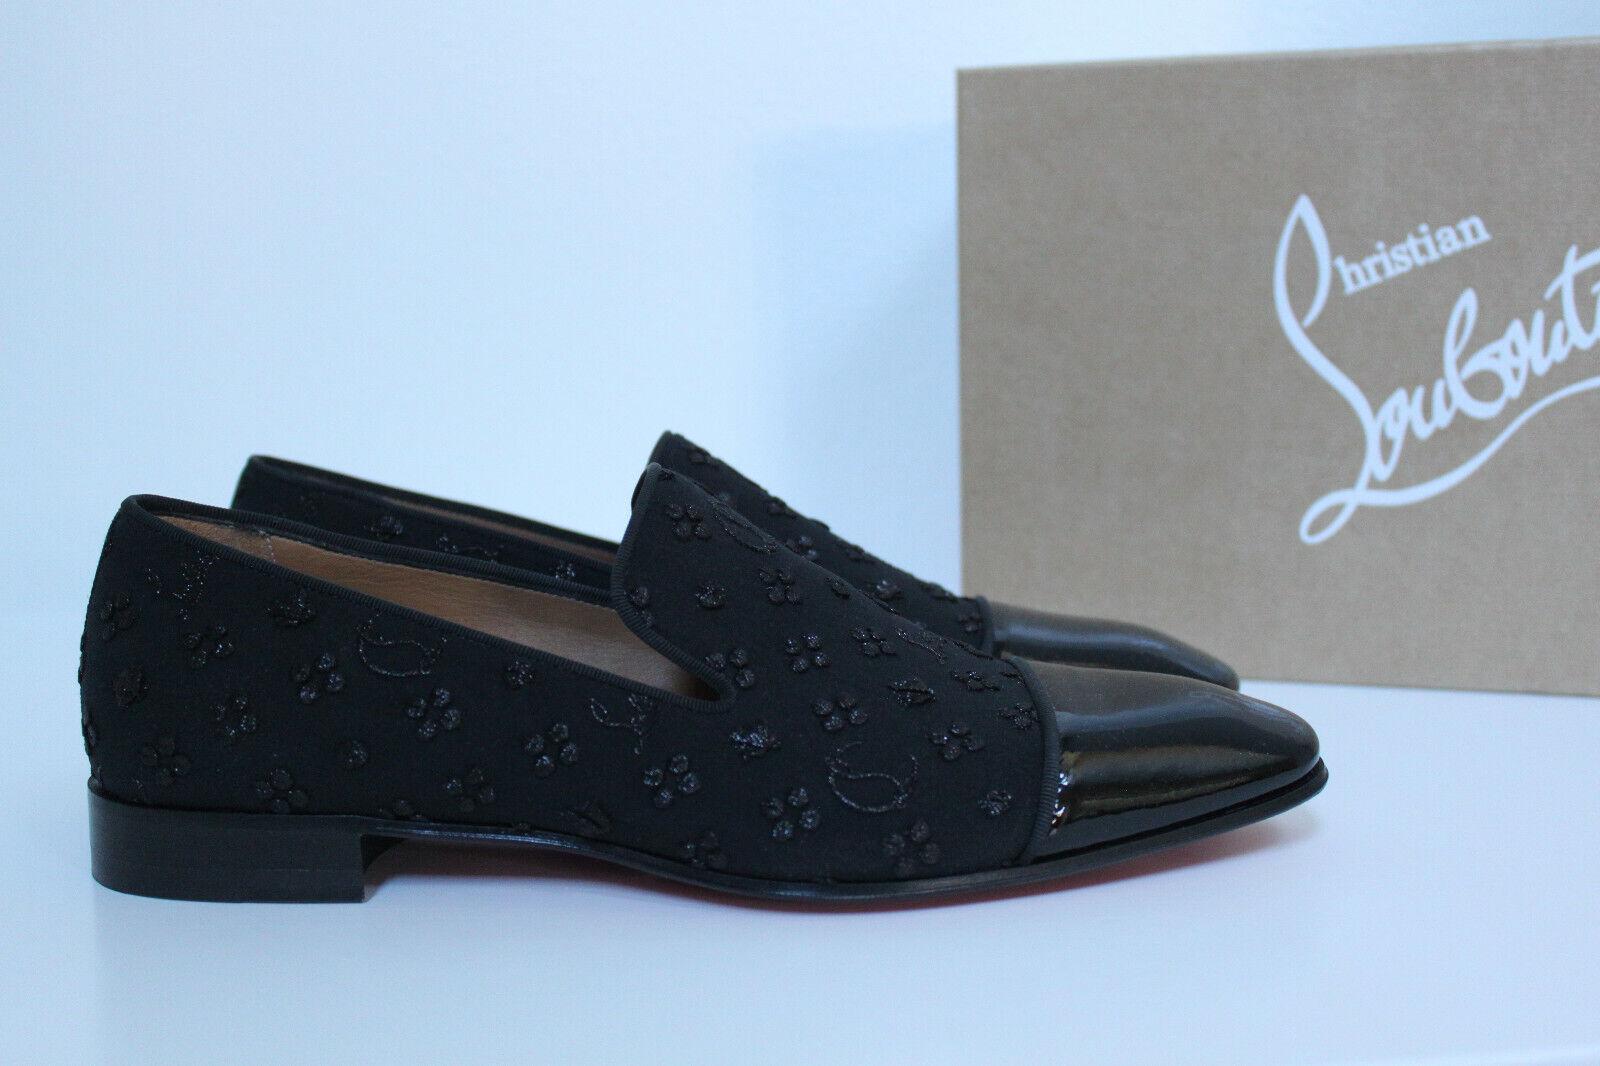 Nos 8.5 41.5 Christian Louboutin Diente de León Plano Negro puntera Oxford Zapatos Con Logotipo